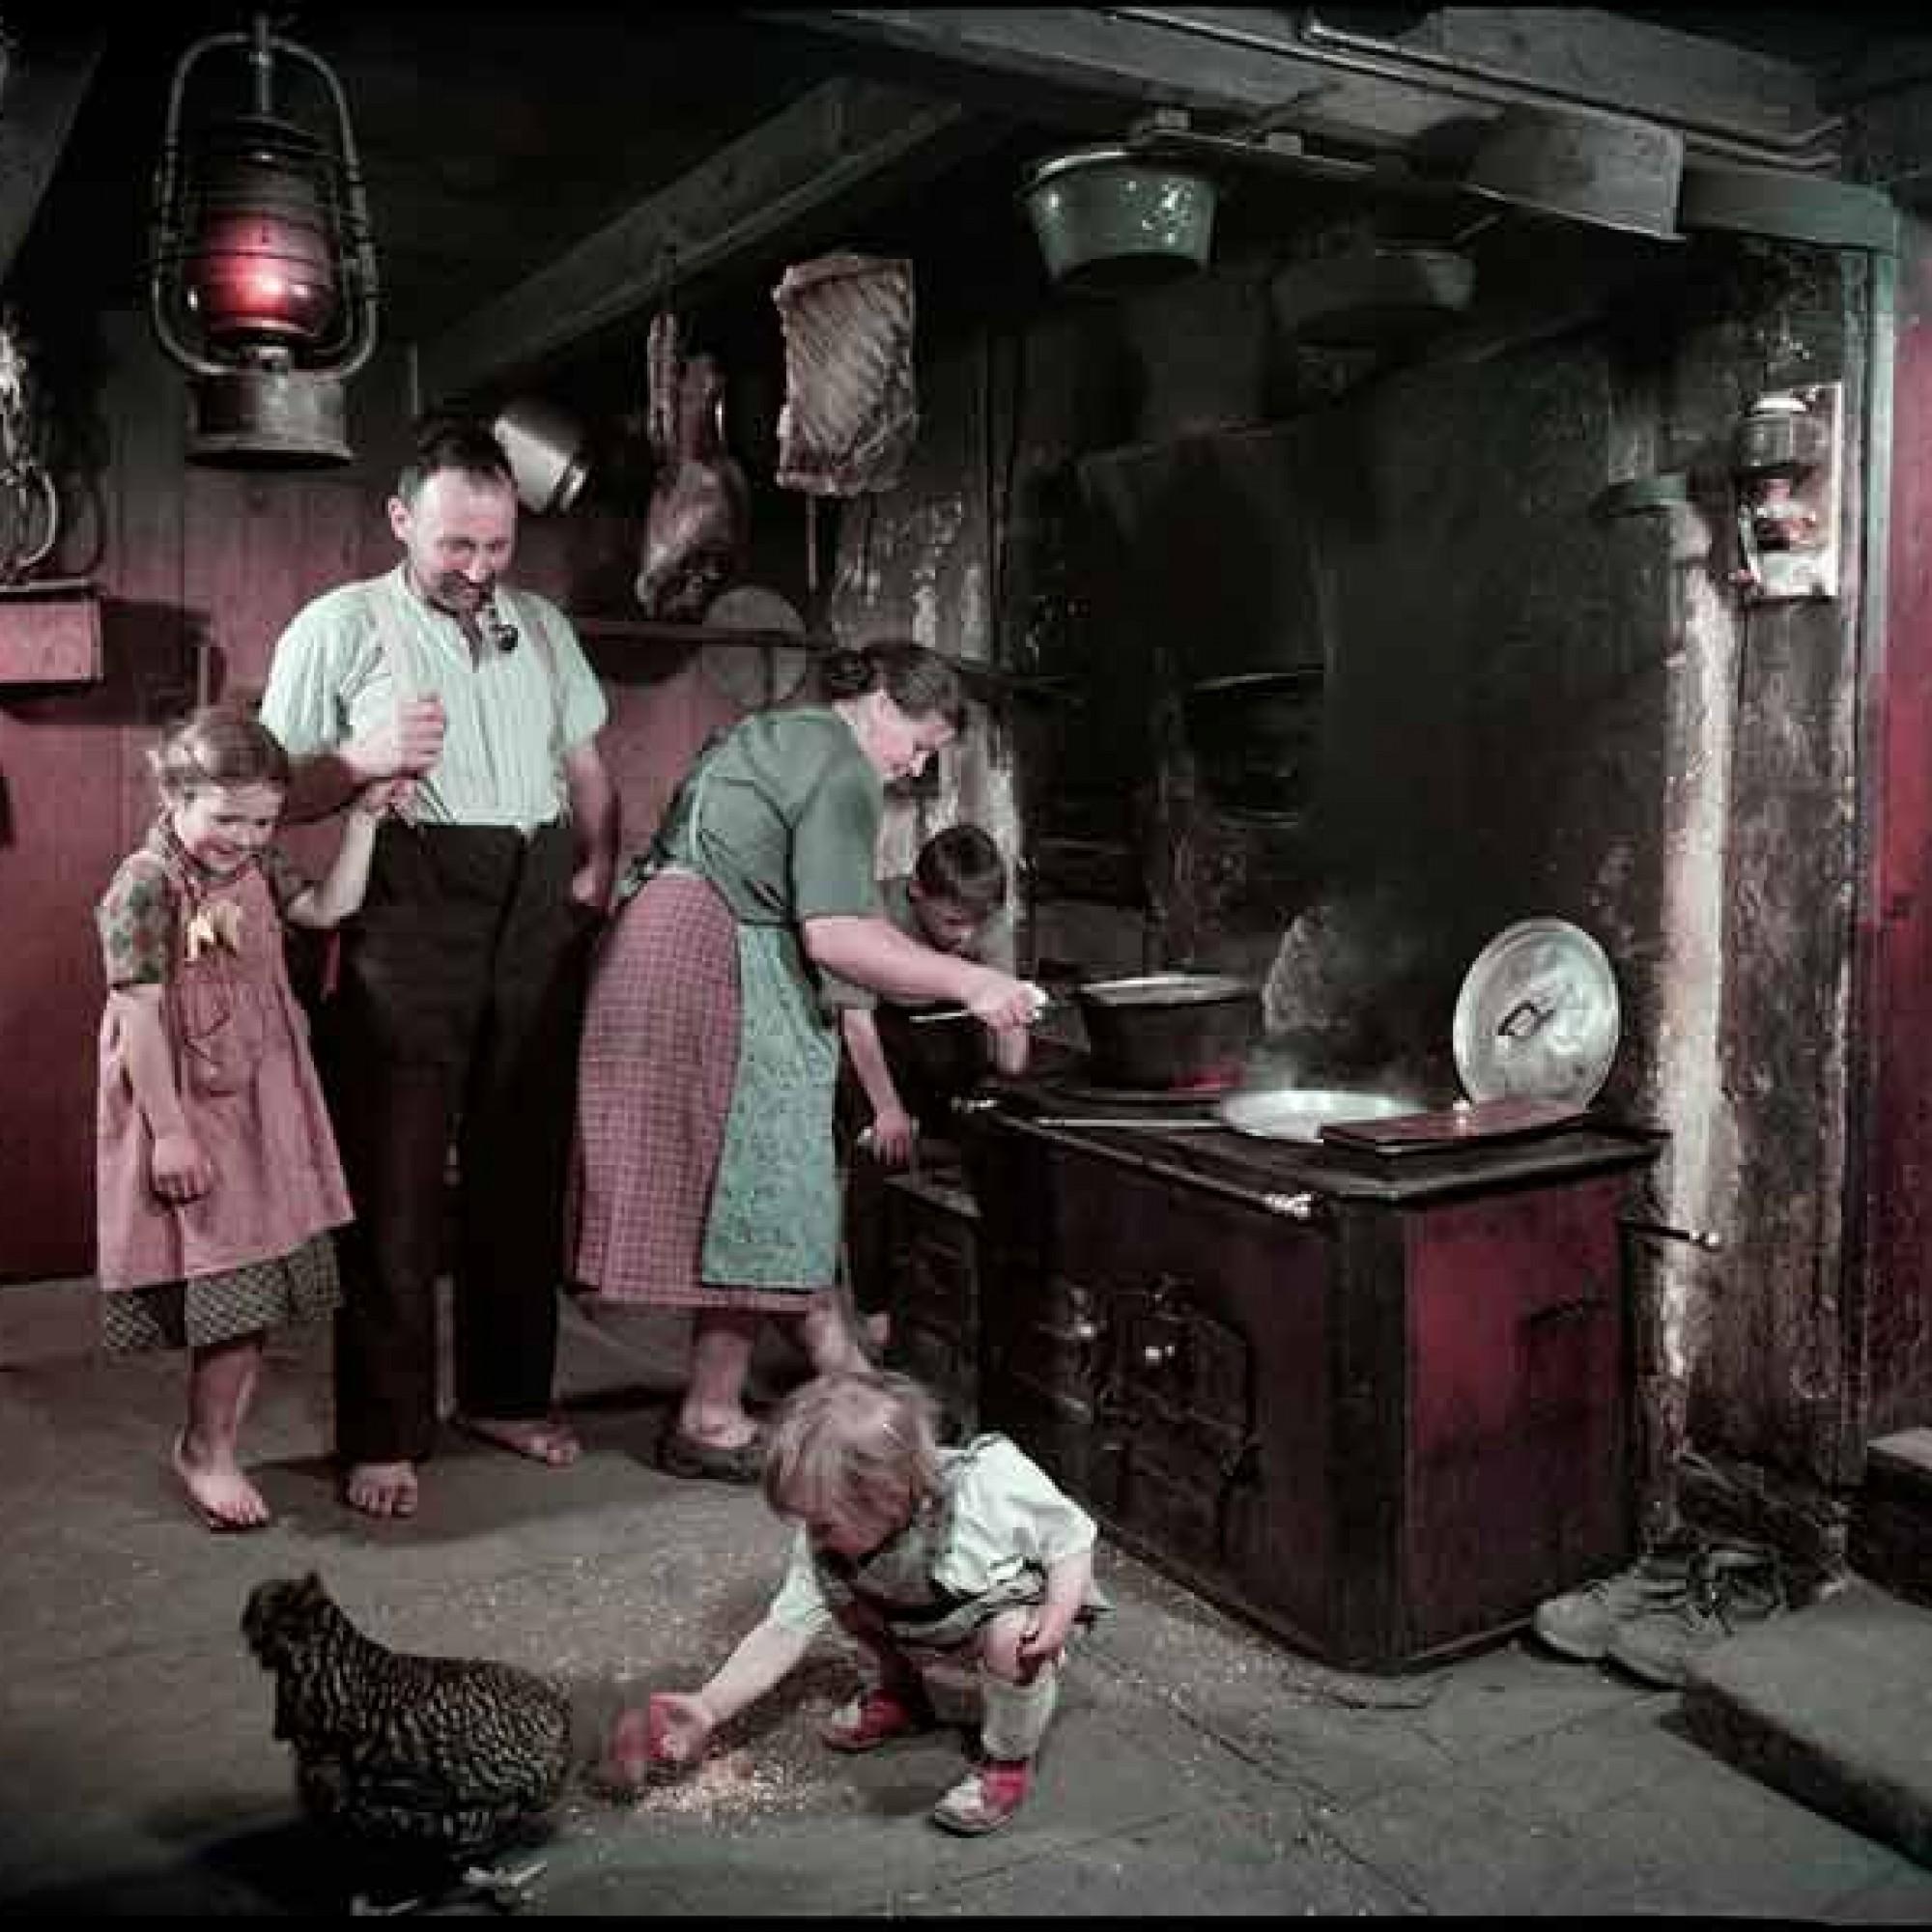 Peter Ammons Fotografien erzählen ganze Geschichten. (Peter Ammon, Schweizer Forum für Geschichte)